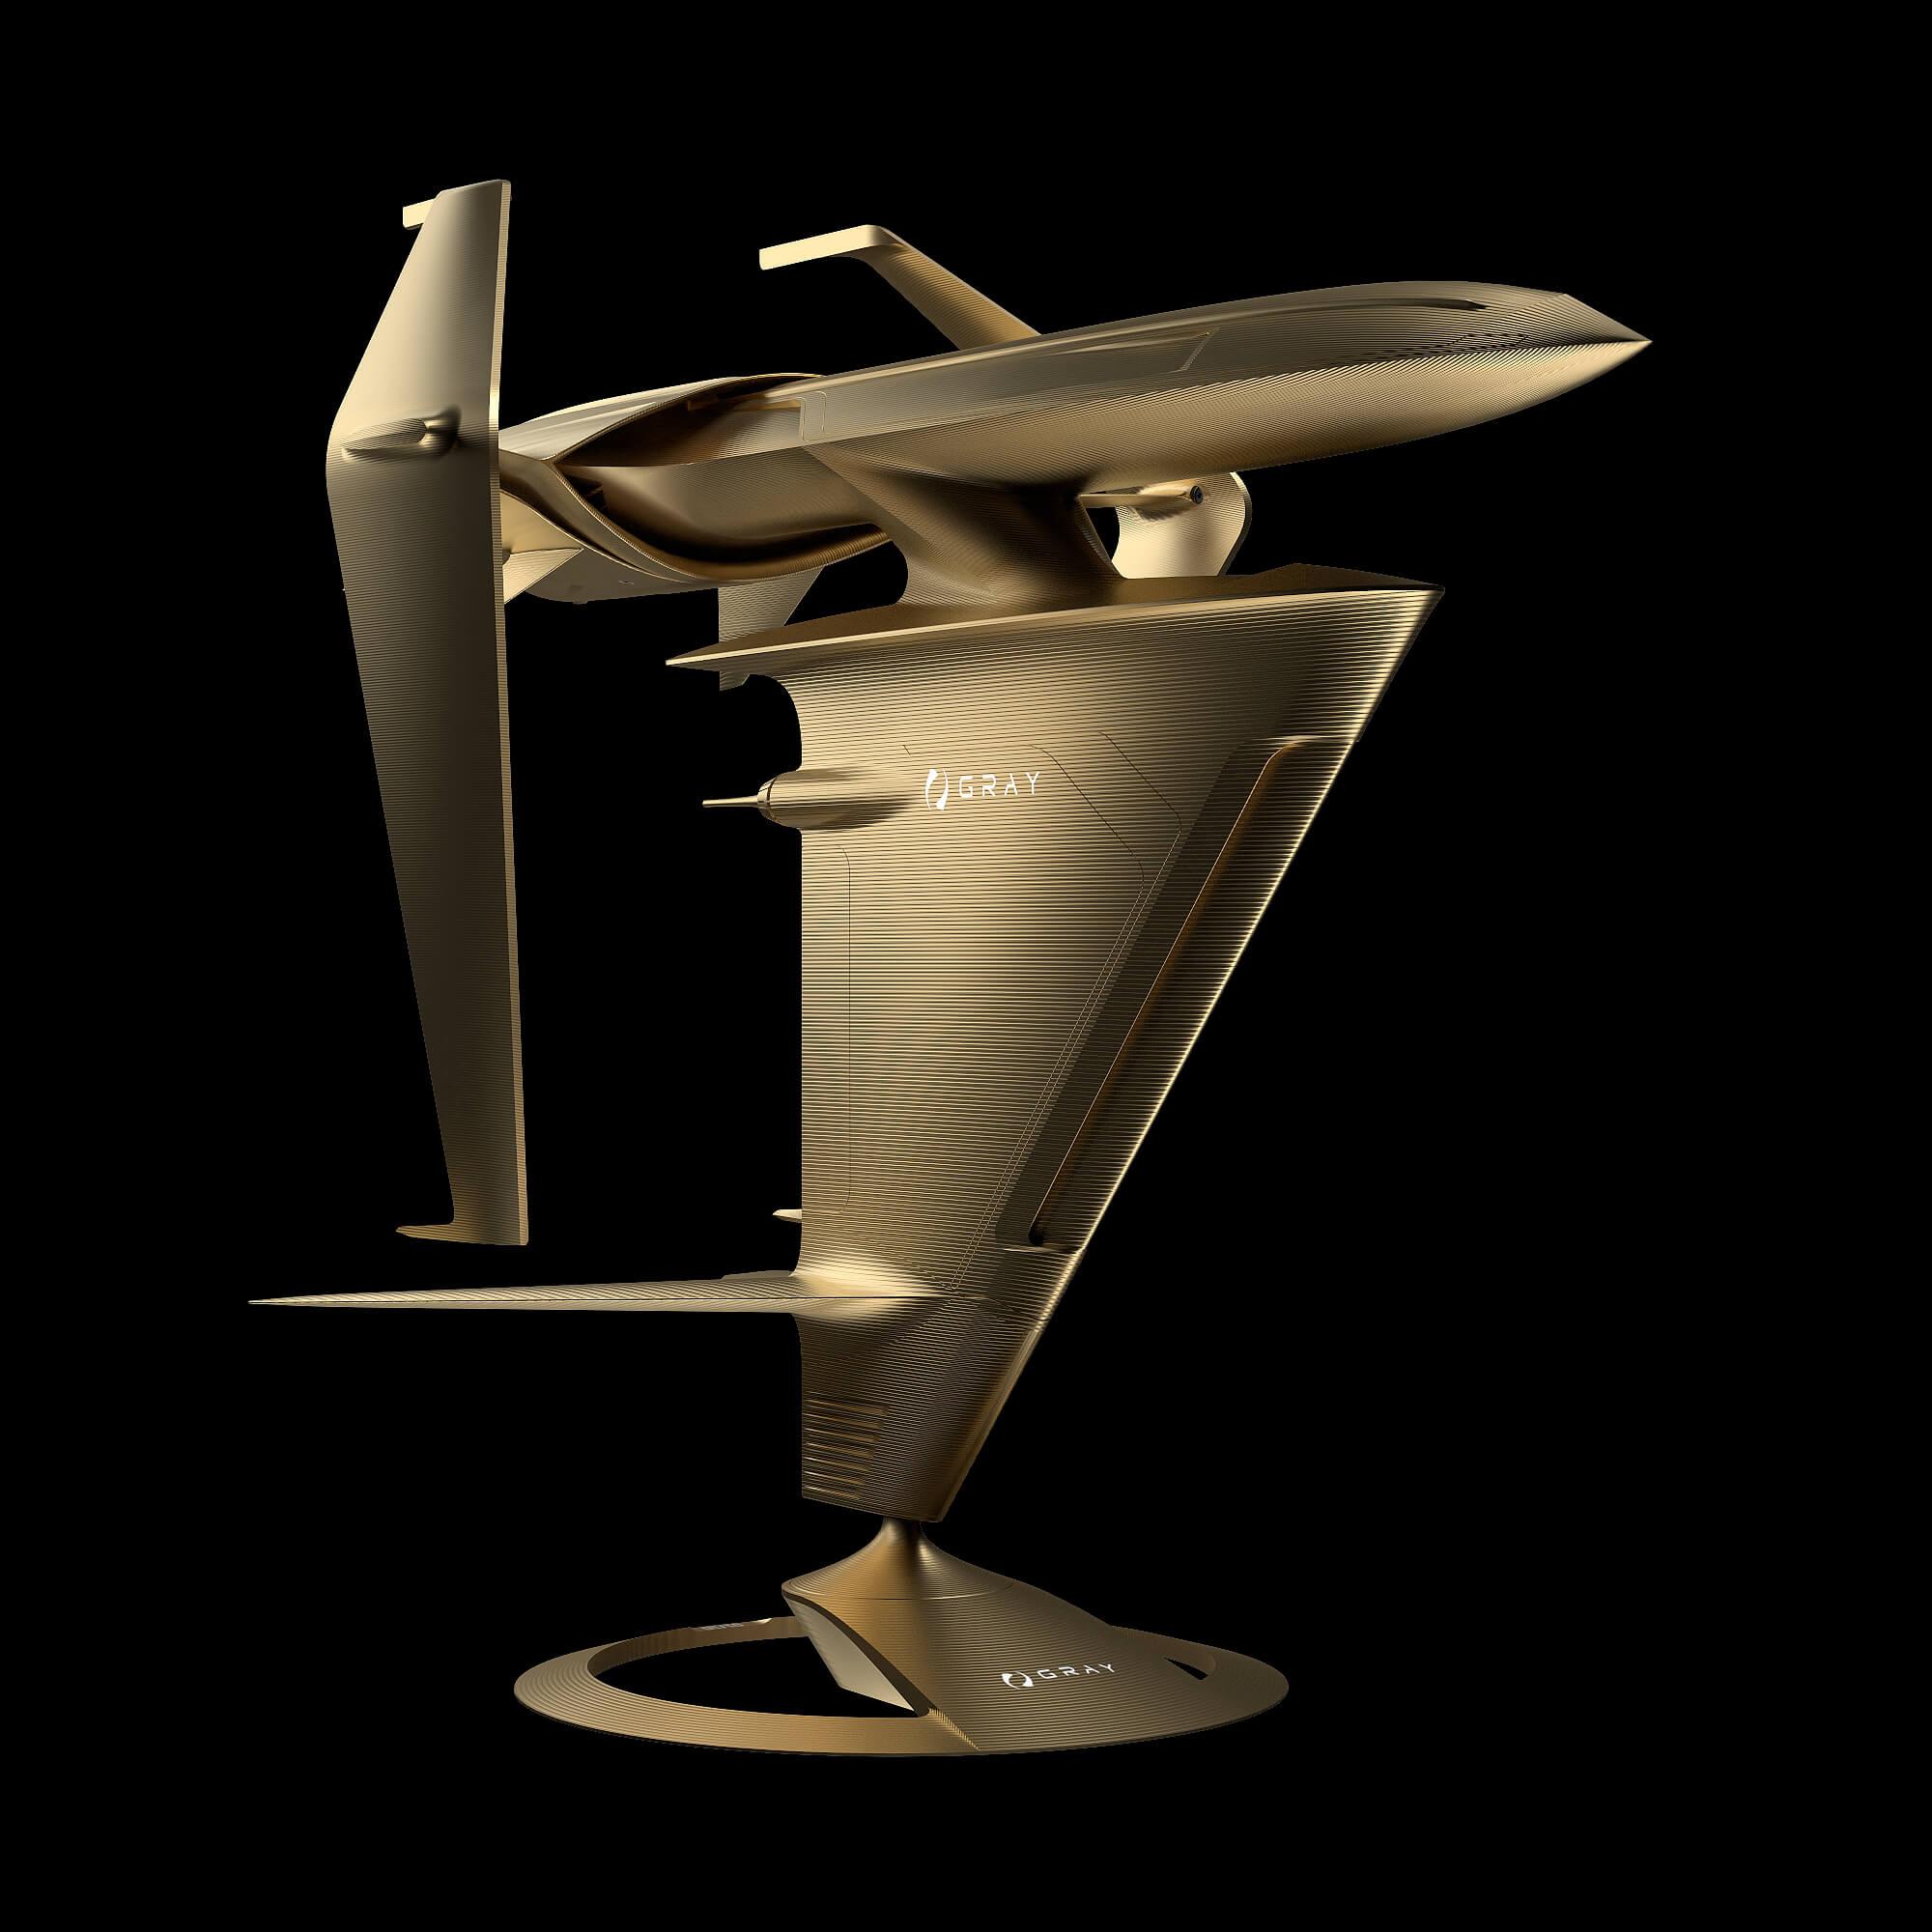 graycraft1-3 gold aluminium spaceship sculpture